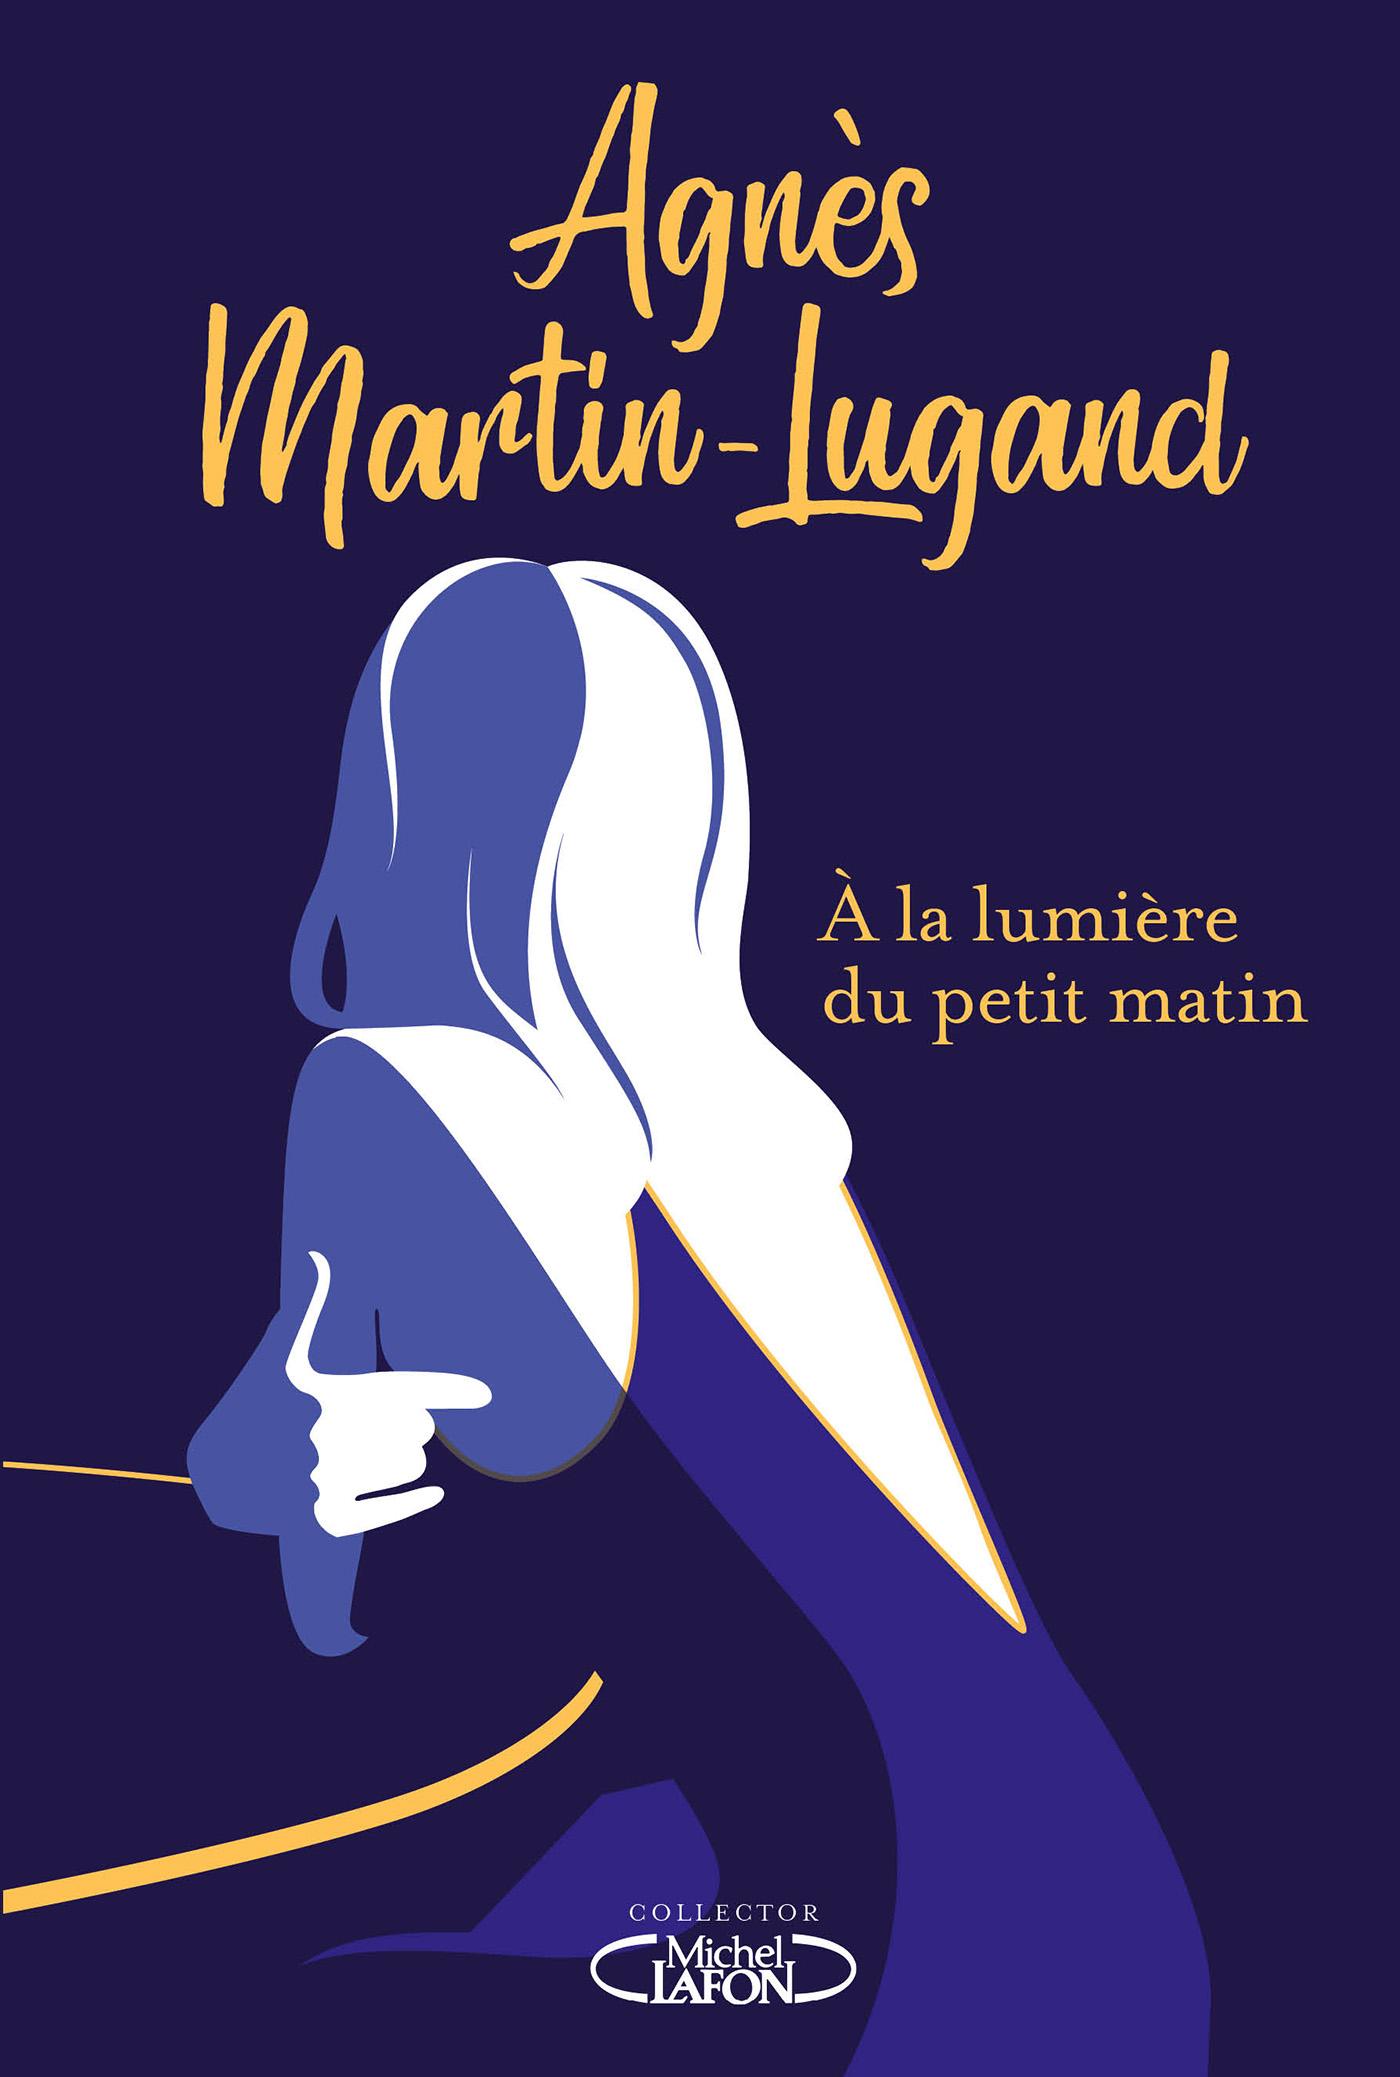 A-LA-LUMIERE-DU-PETIT-MATIN-1400px-1